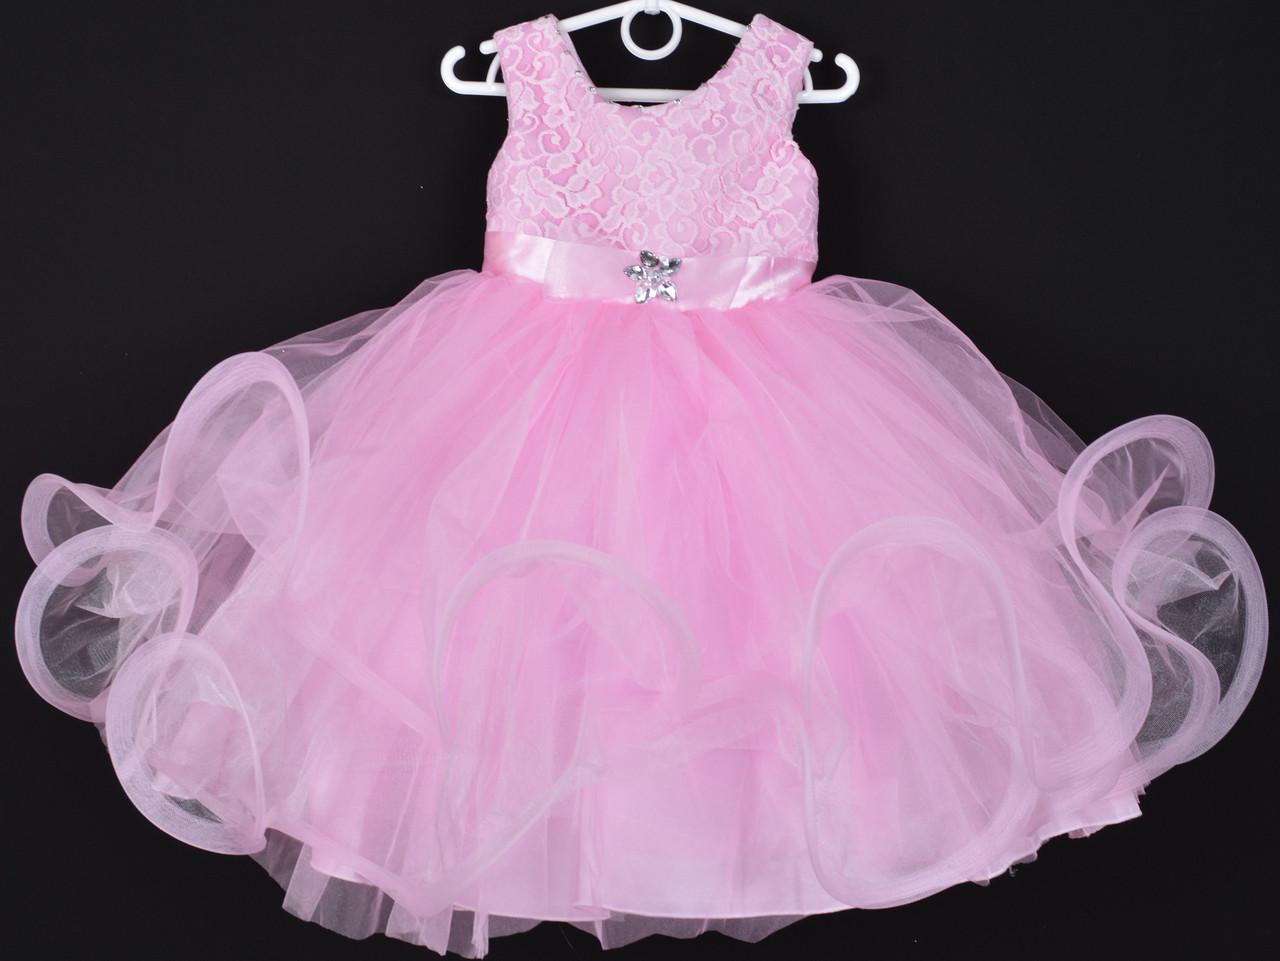 """Платье нарядное детское """"Пушинка"""". 3-4 года. Розовое. Оптом и в розницу"""